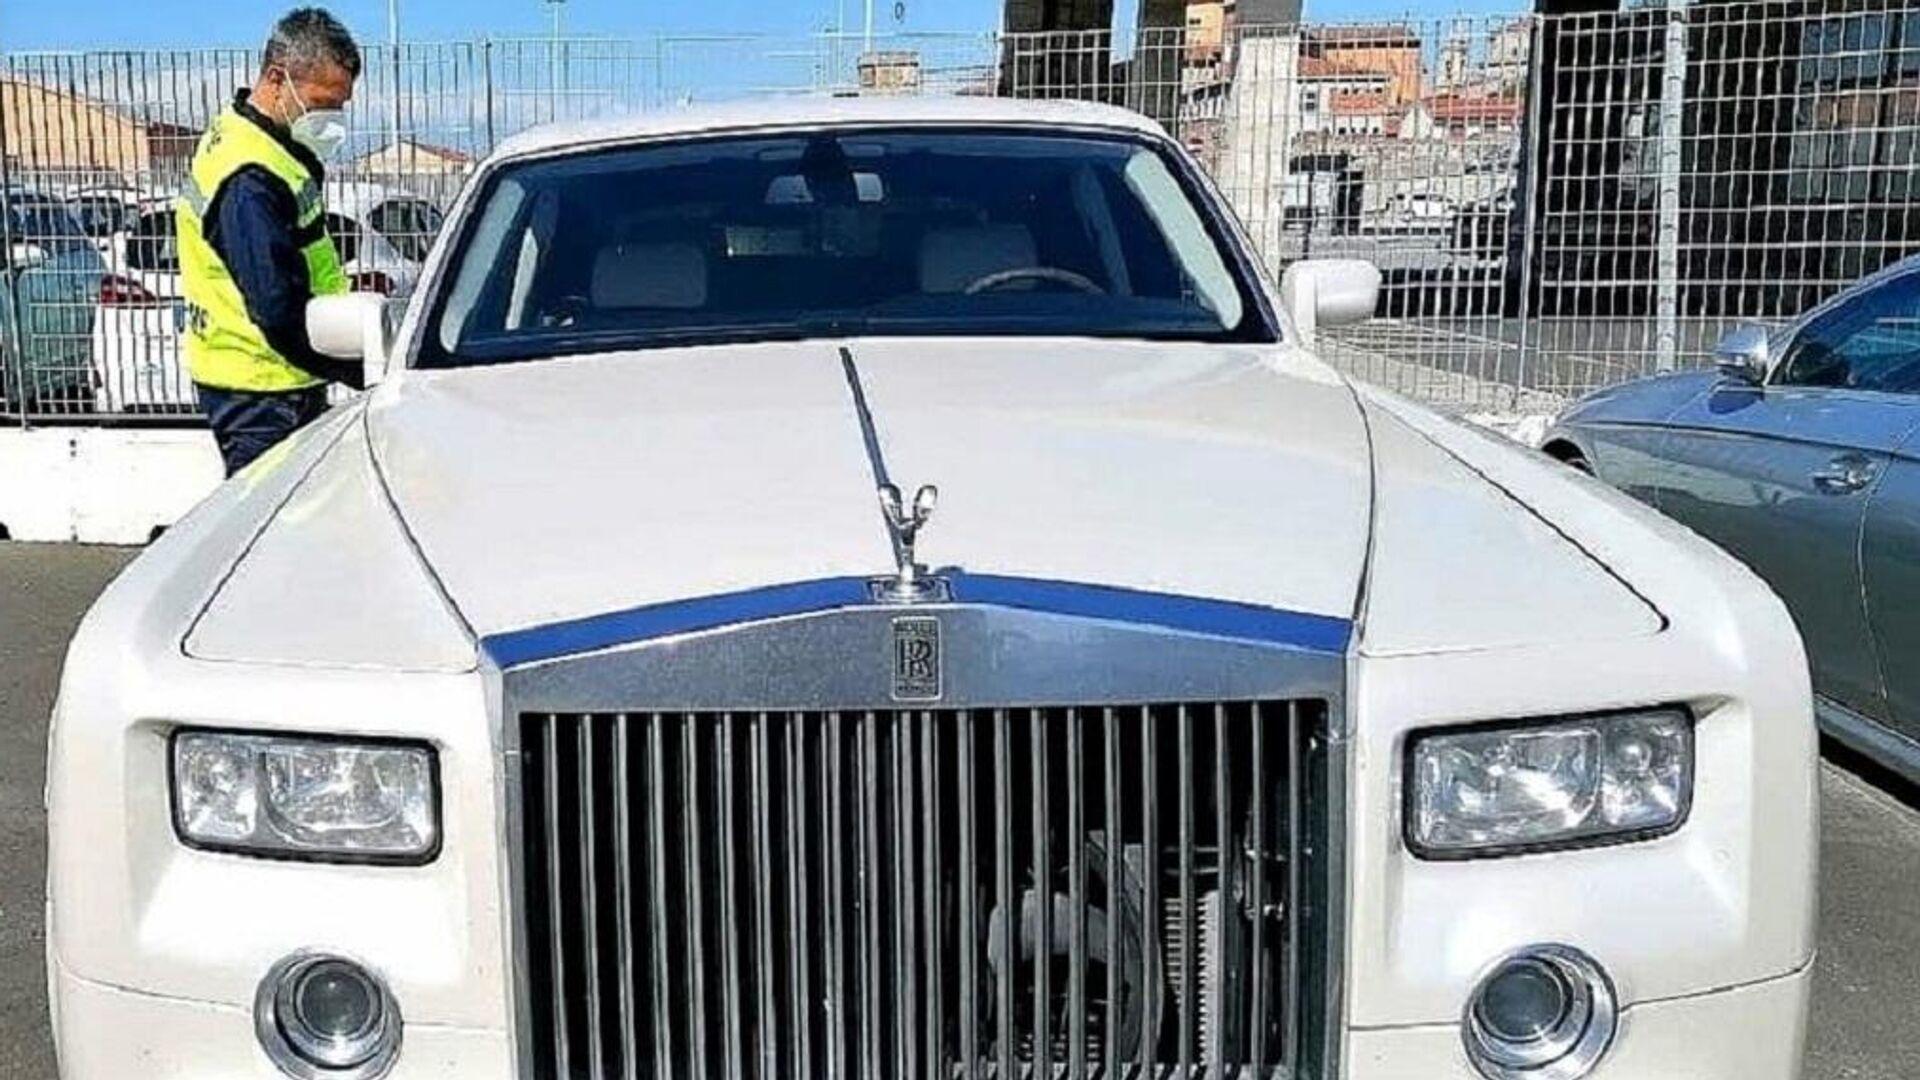 La Guardia di Finanza de Livorno y la Agencia de Aduanas y Monopolios de italia incautan un Rolls-Royce por estar tapizado con piel de cocodrilo - Sputnik Mundo, 1920, 30.05.2021